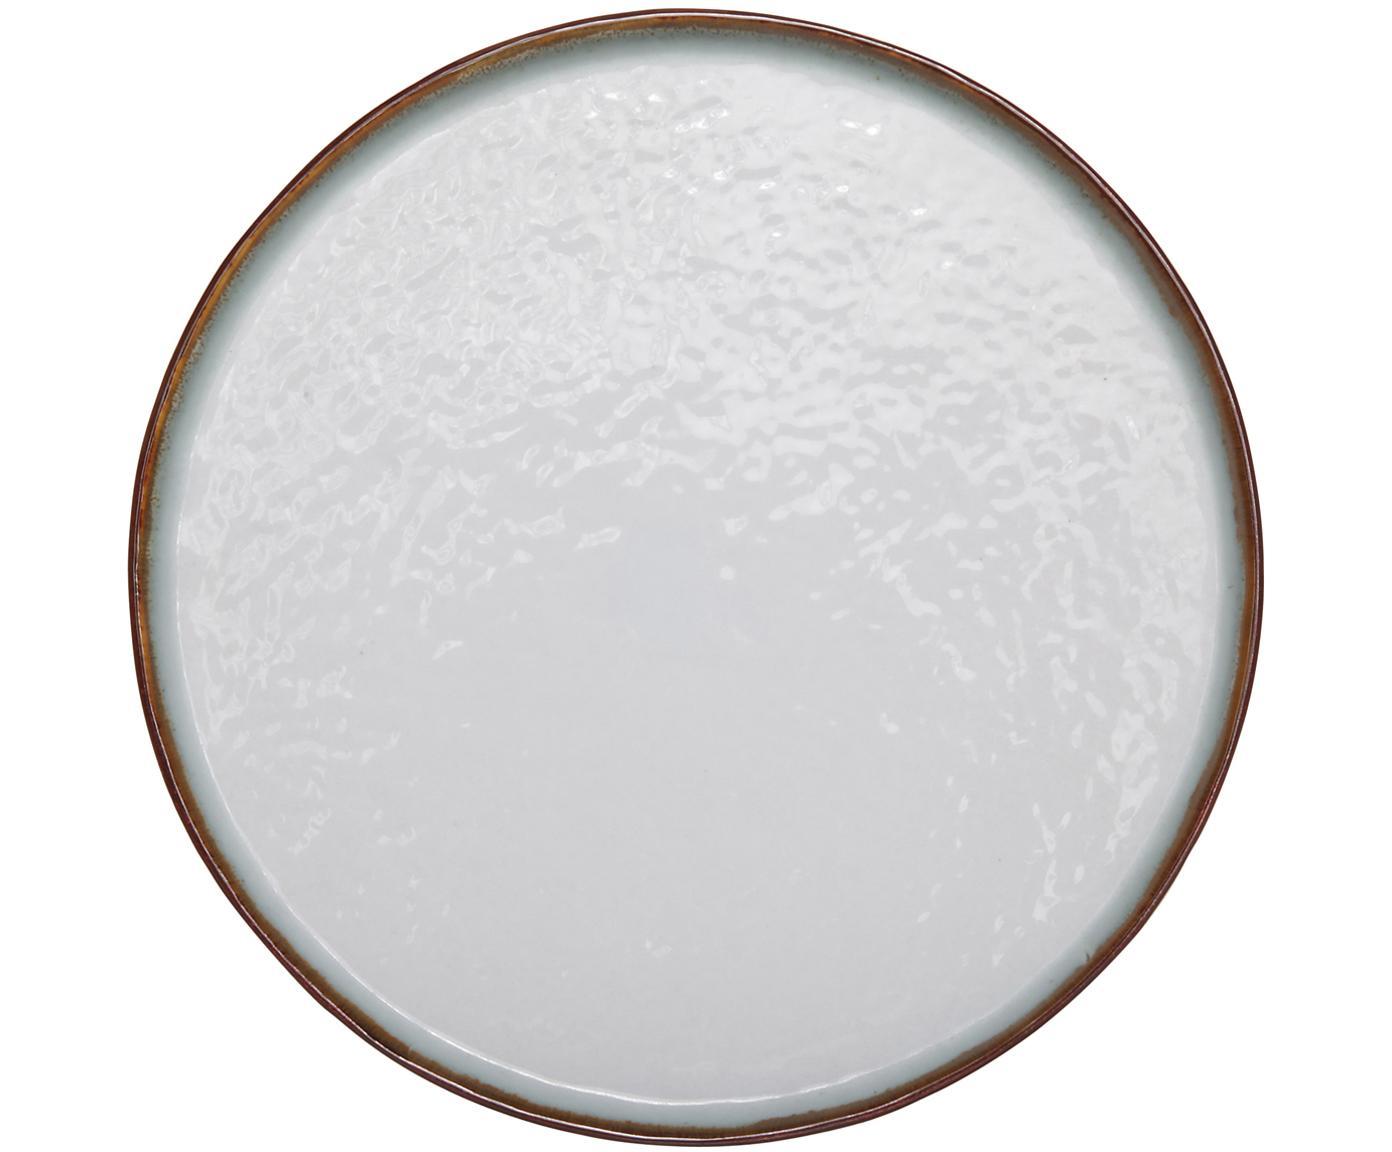 Steingut-Speiseteller Plato, 4 Stück, Steingut, Braun, Weiß, Ø 28 cm